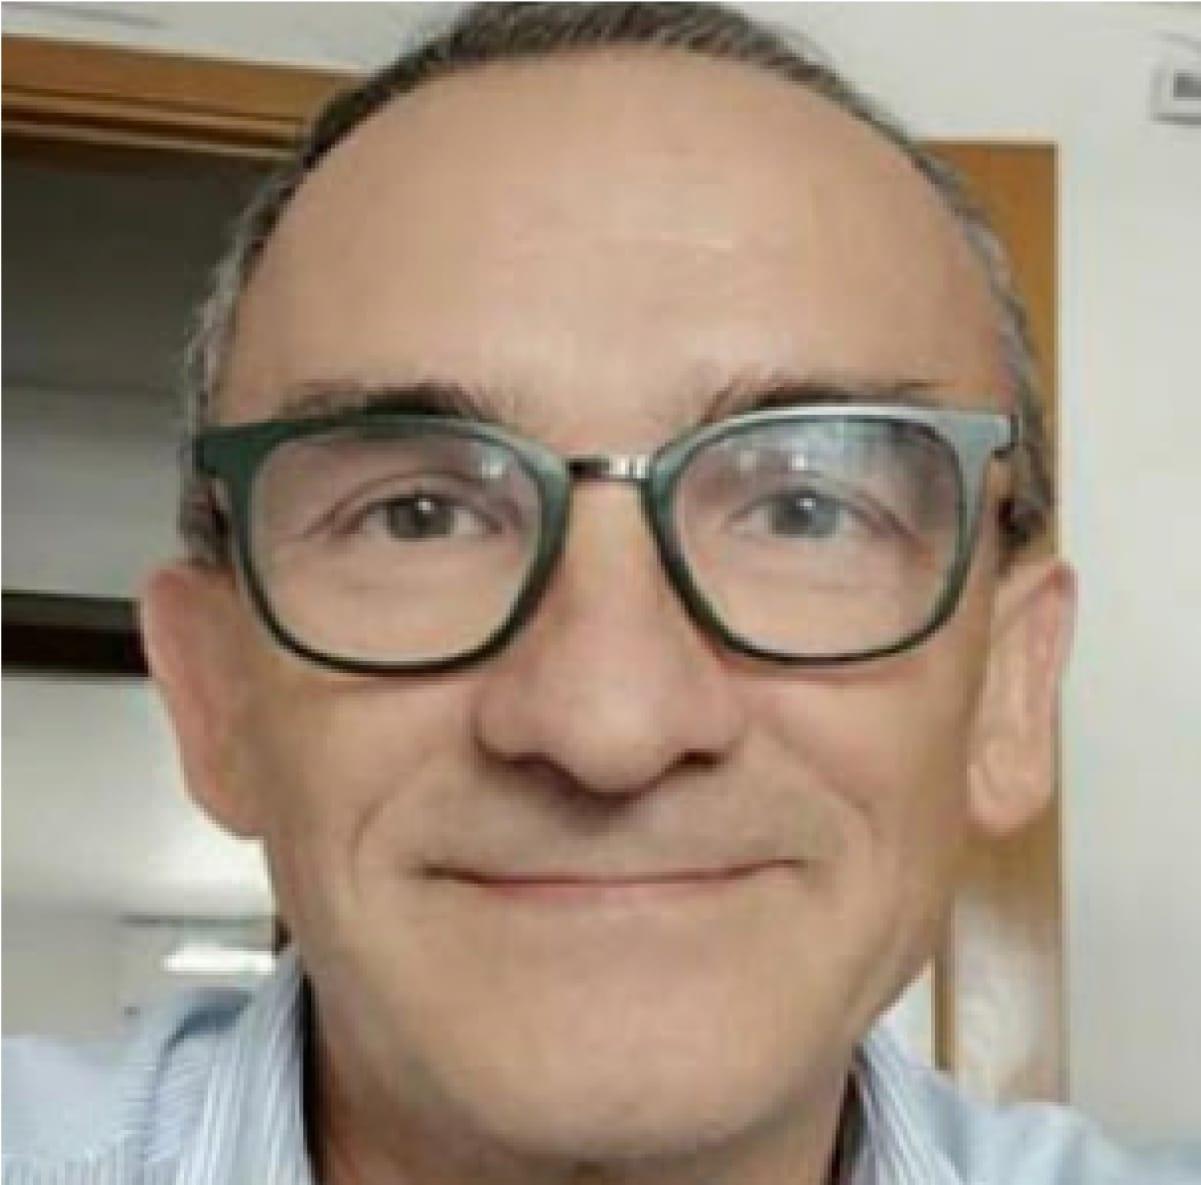 Damiano D'Agostino